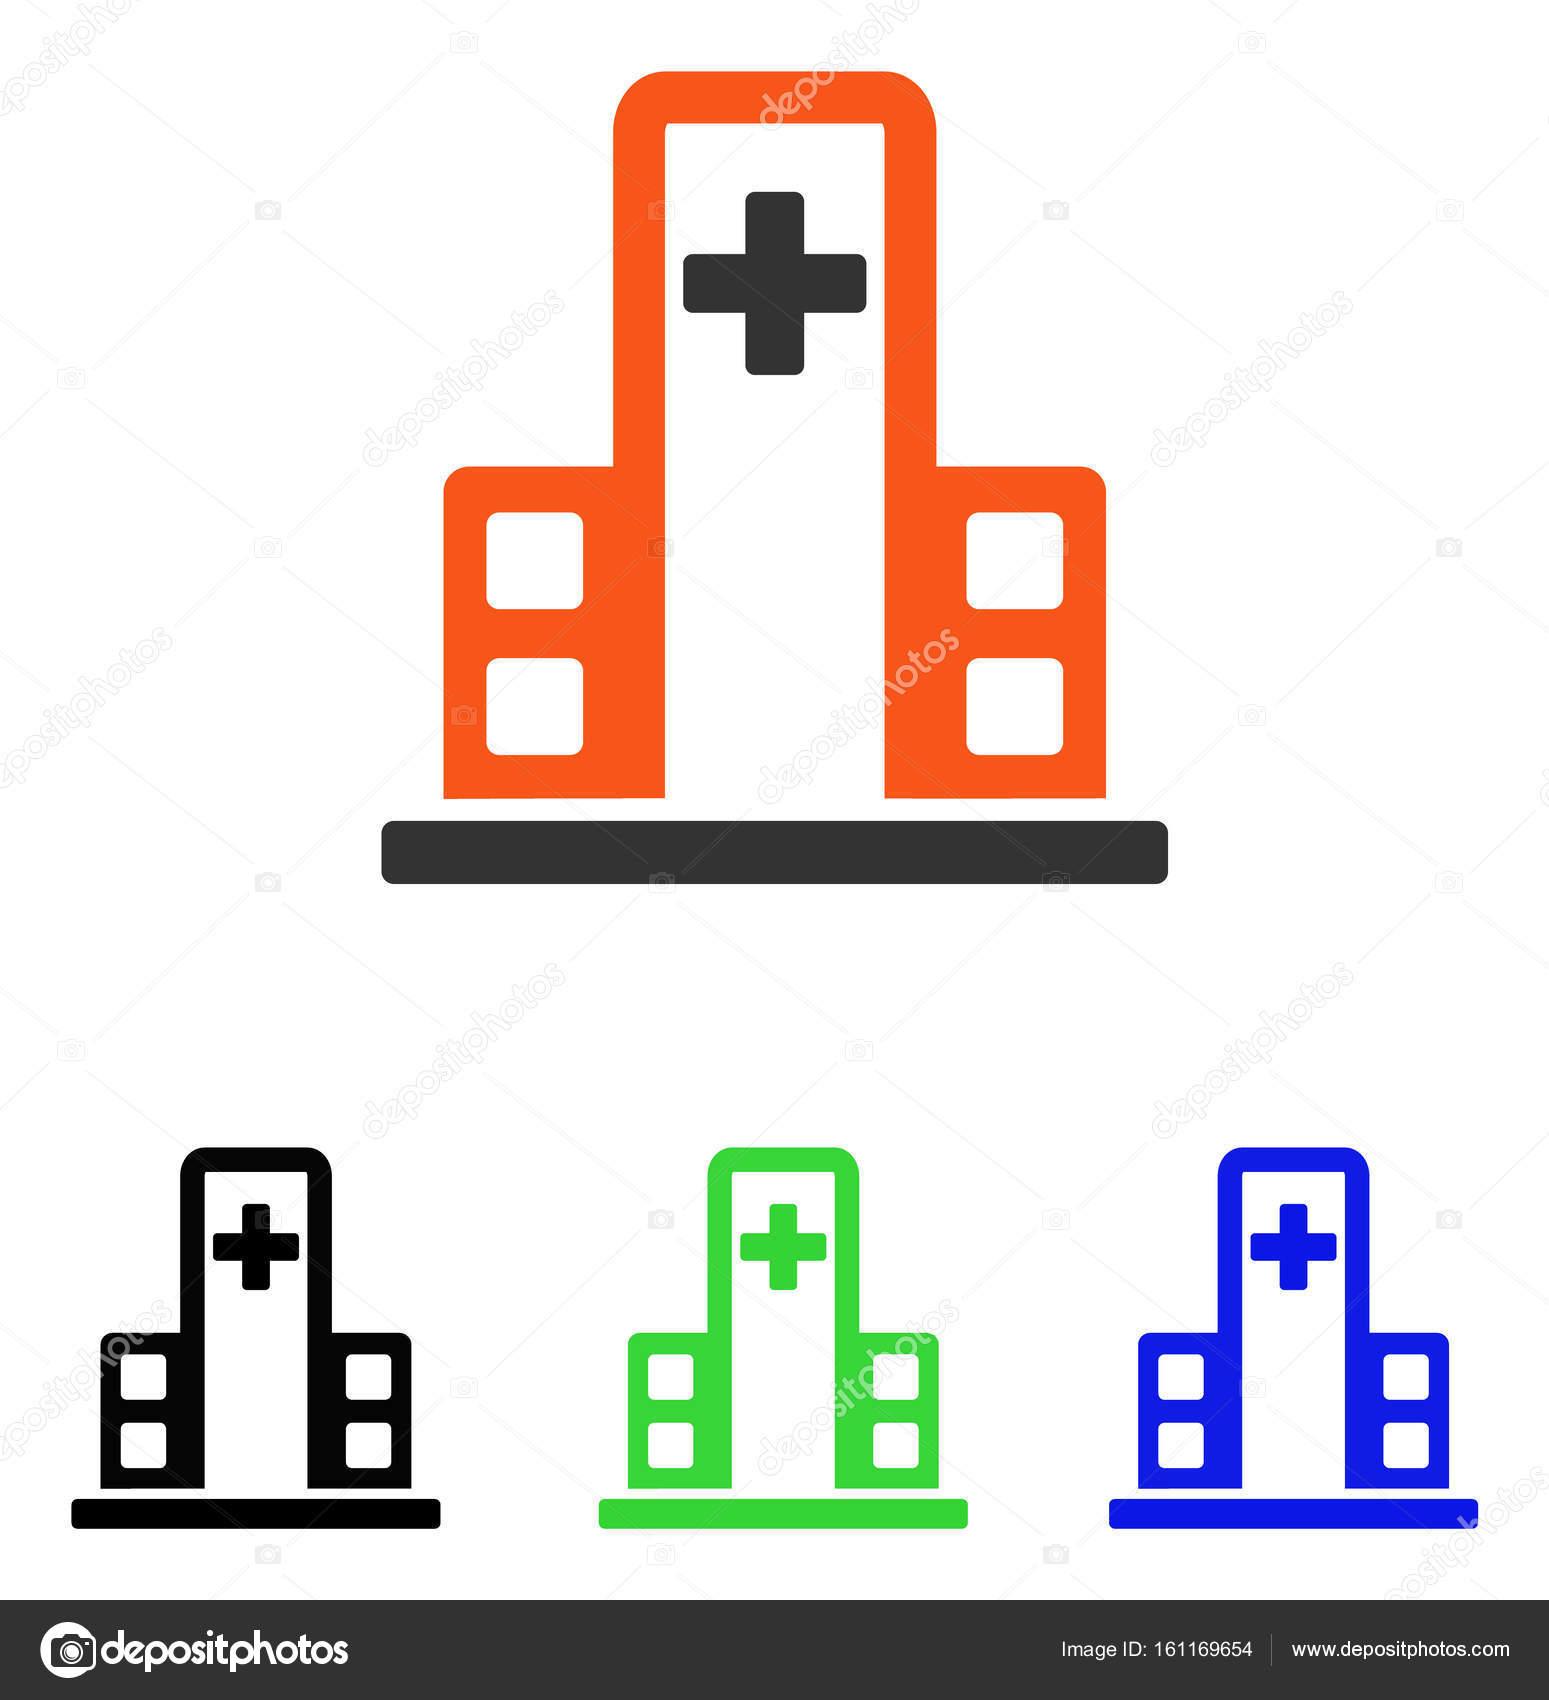 Edificio Hospital plano Vector icono — Archivo Imágenes Vectoriales ...